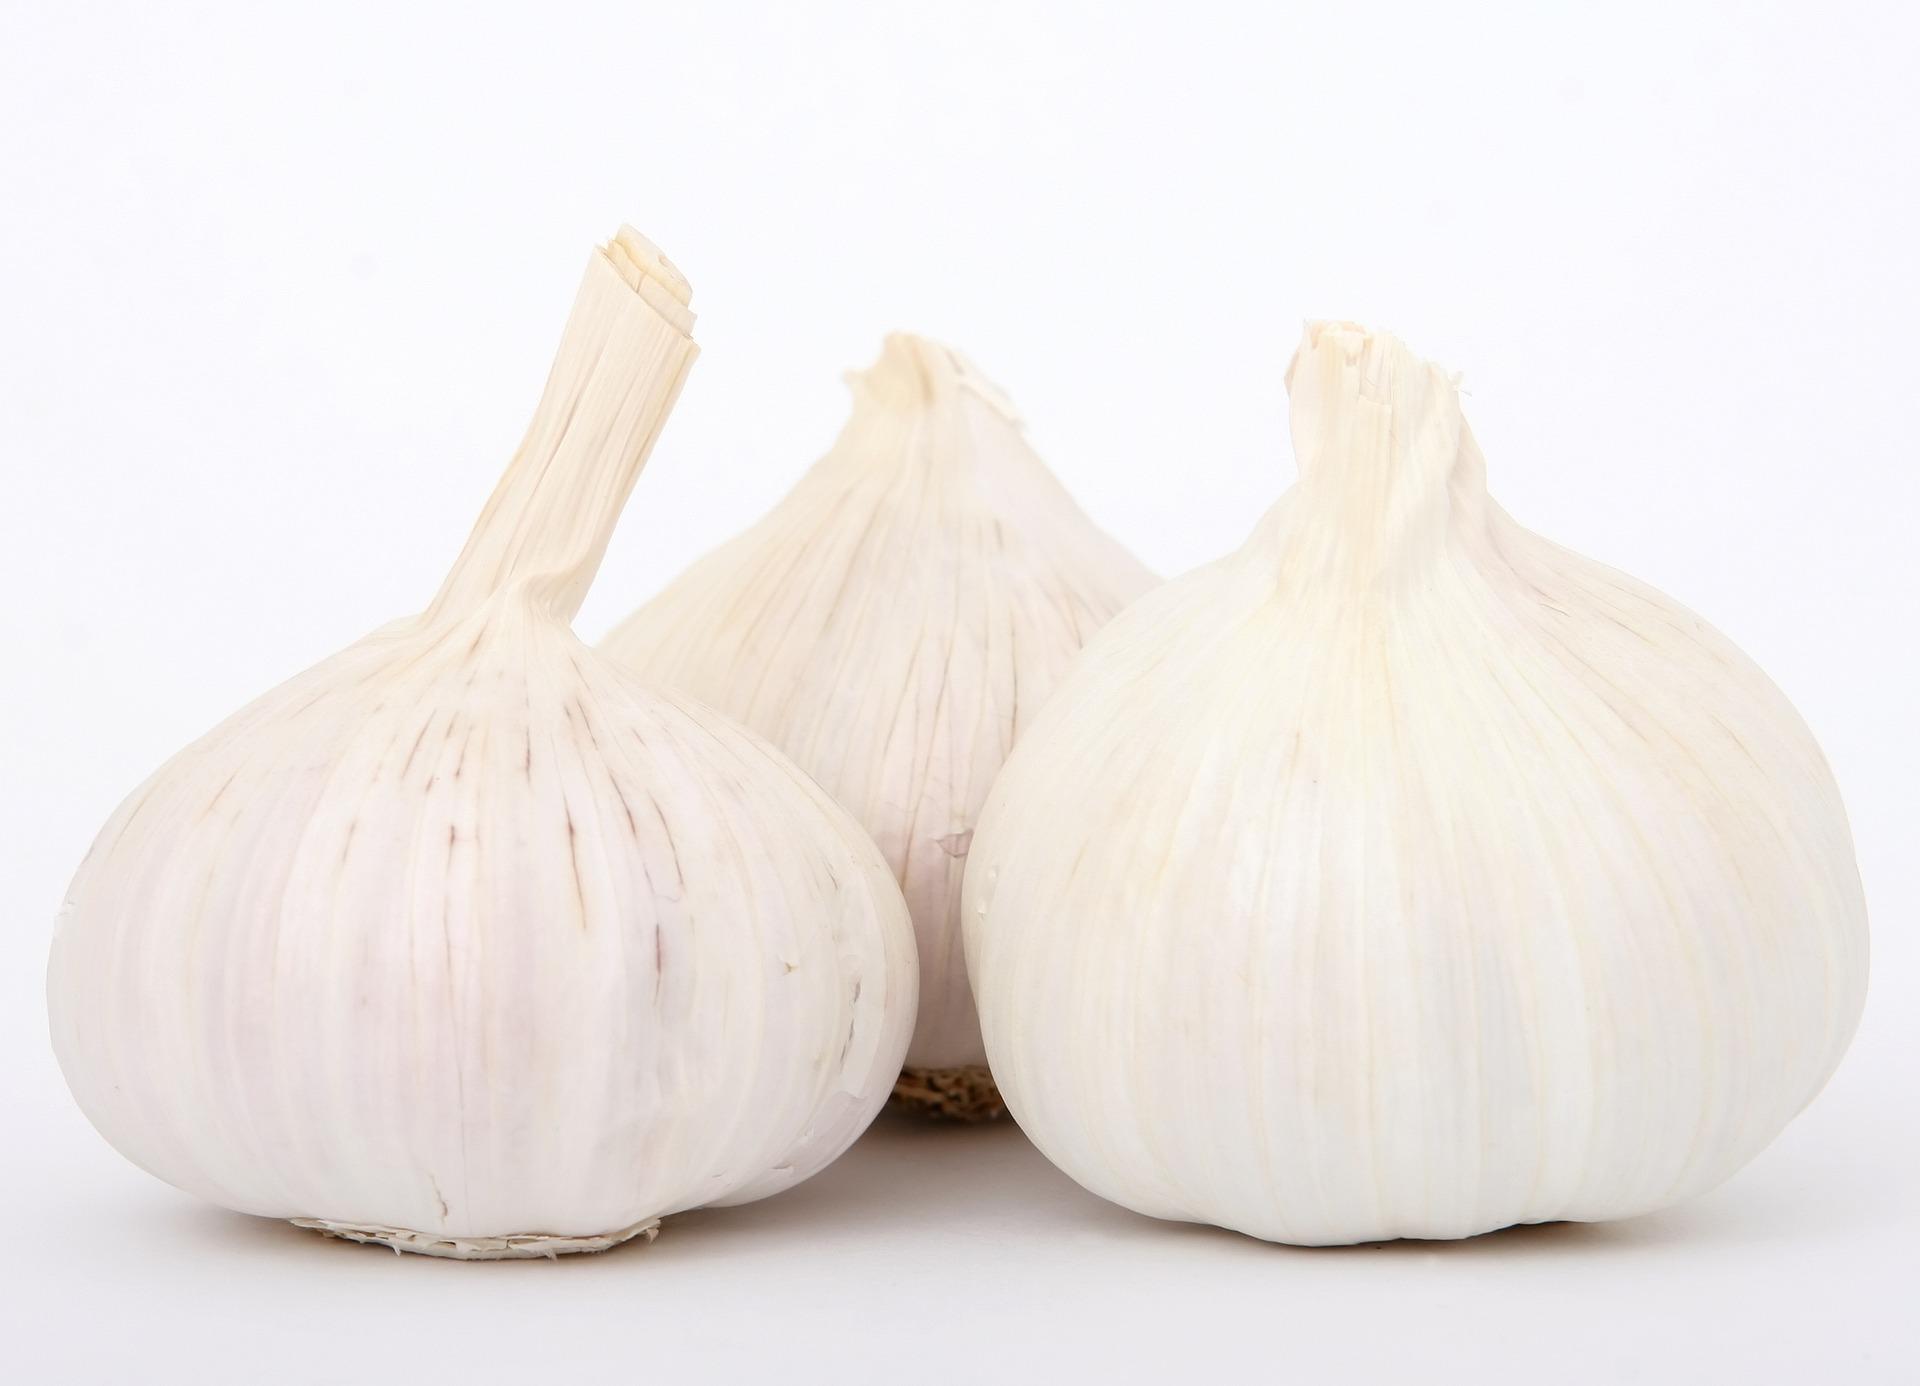 Agri - Garlic 1